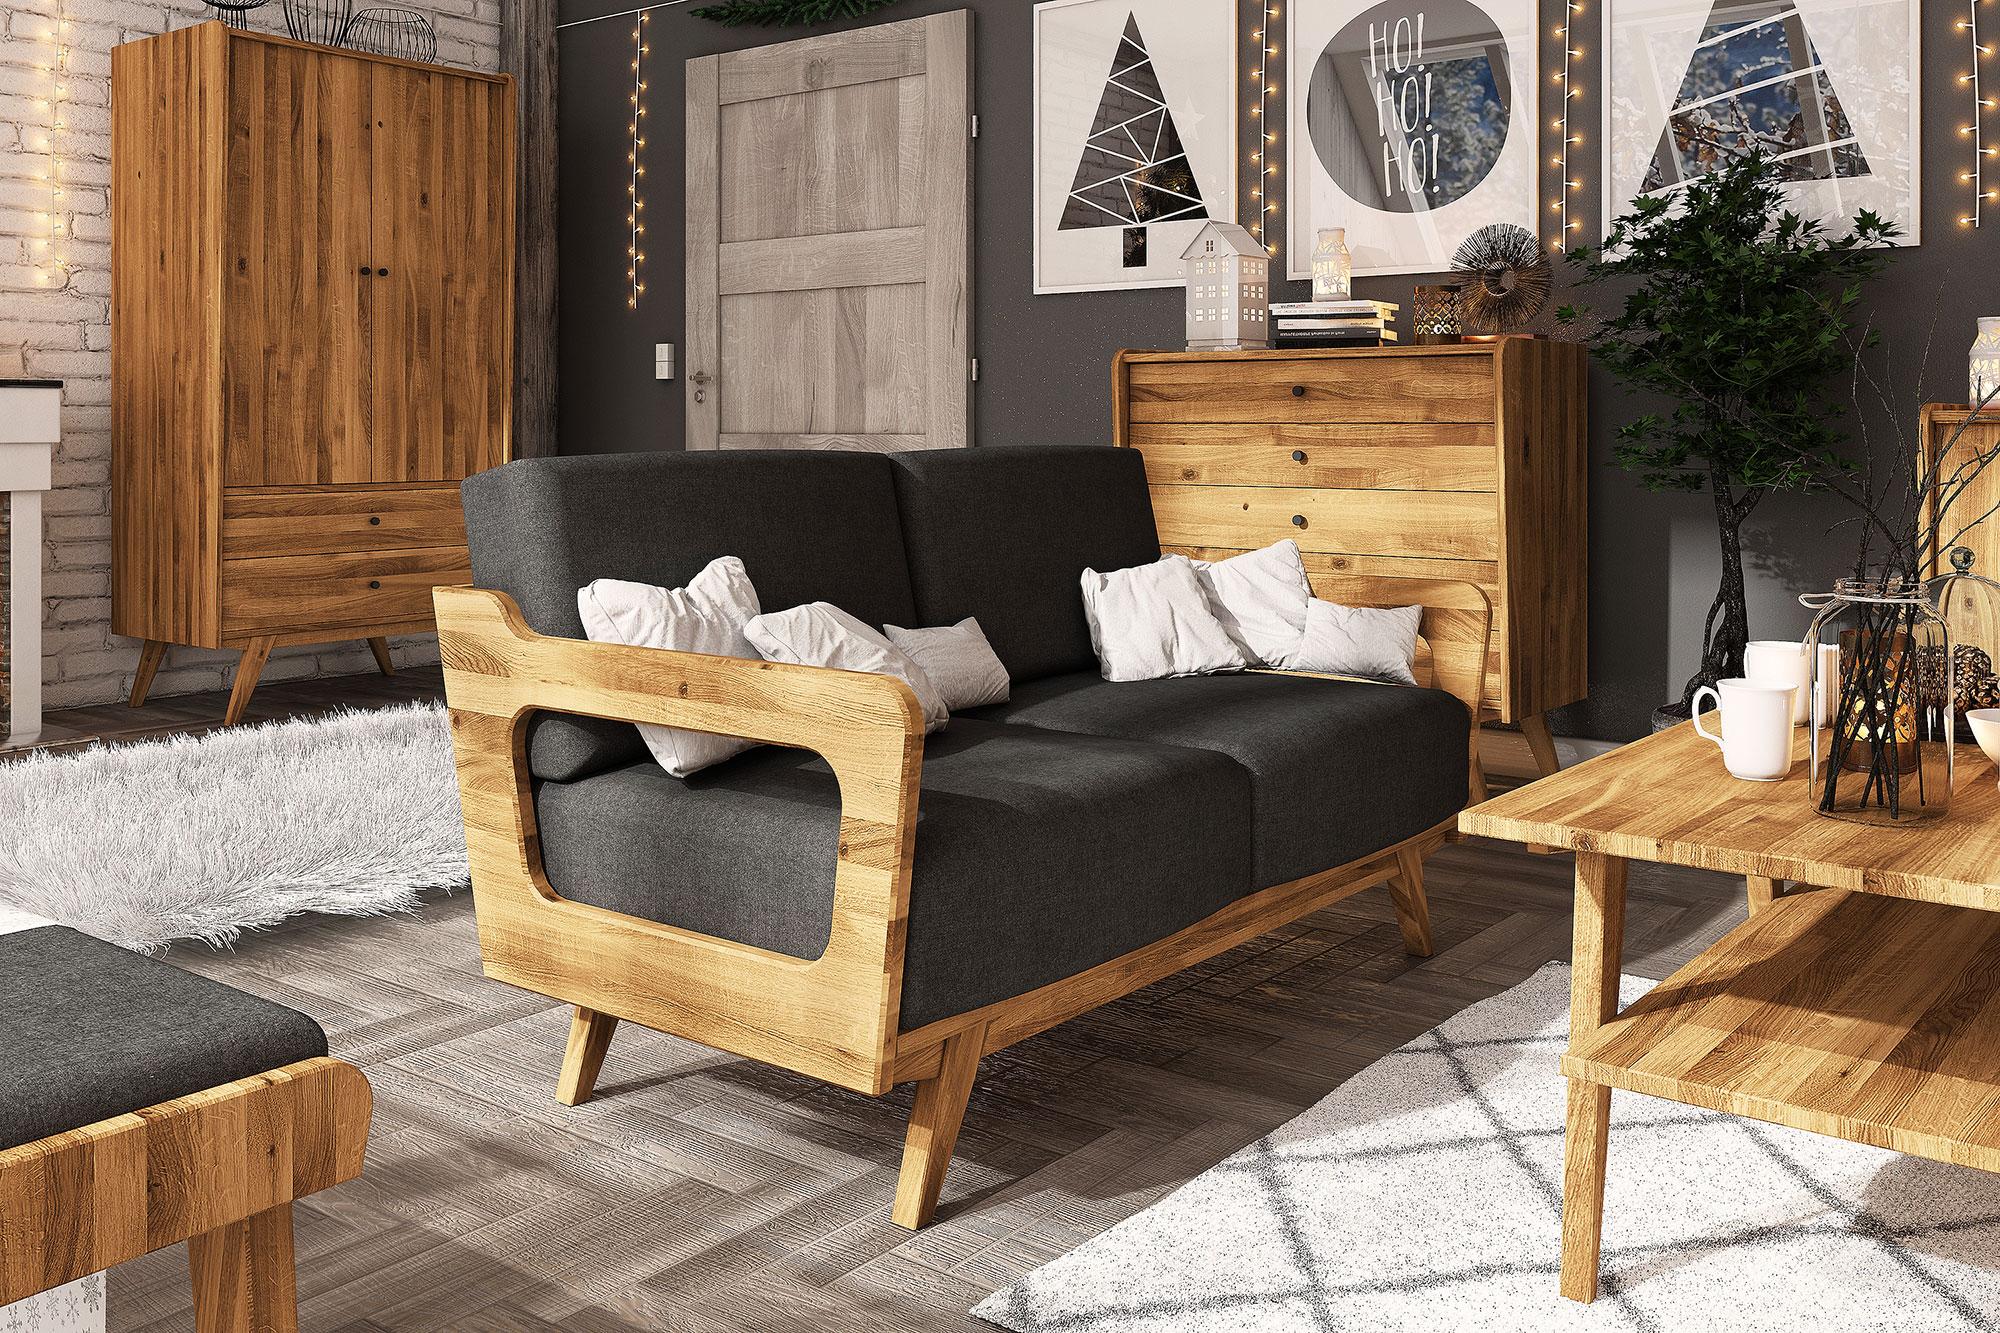 Zdjęcie 2 - RETRO - Kolekcja mebli do salonu z drewna litego